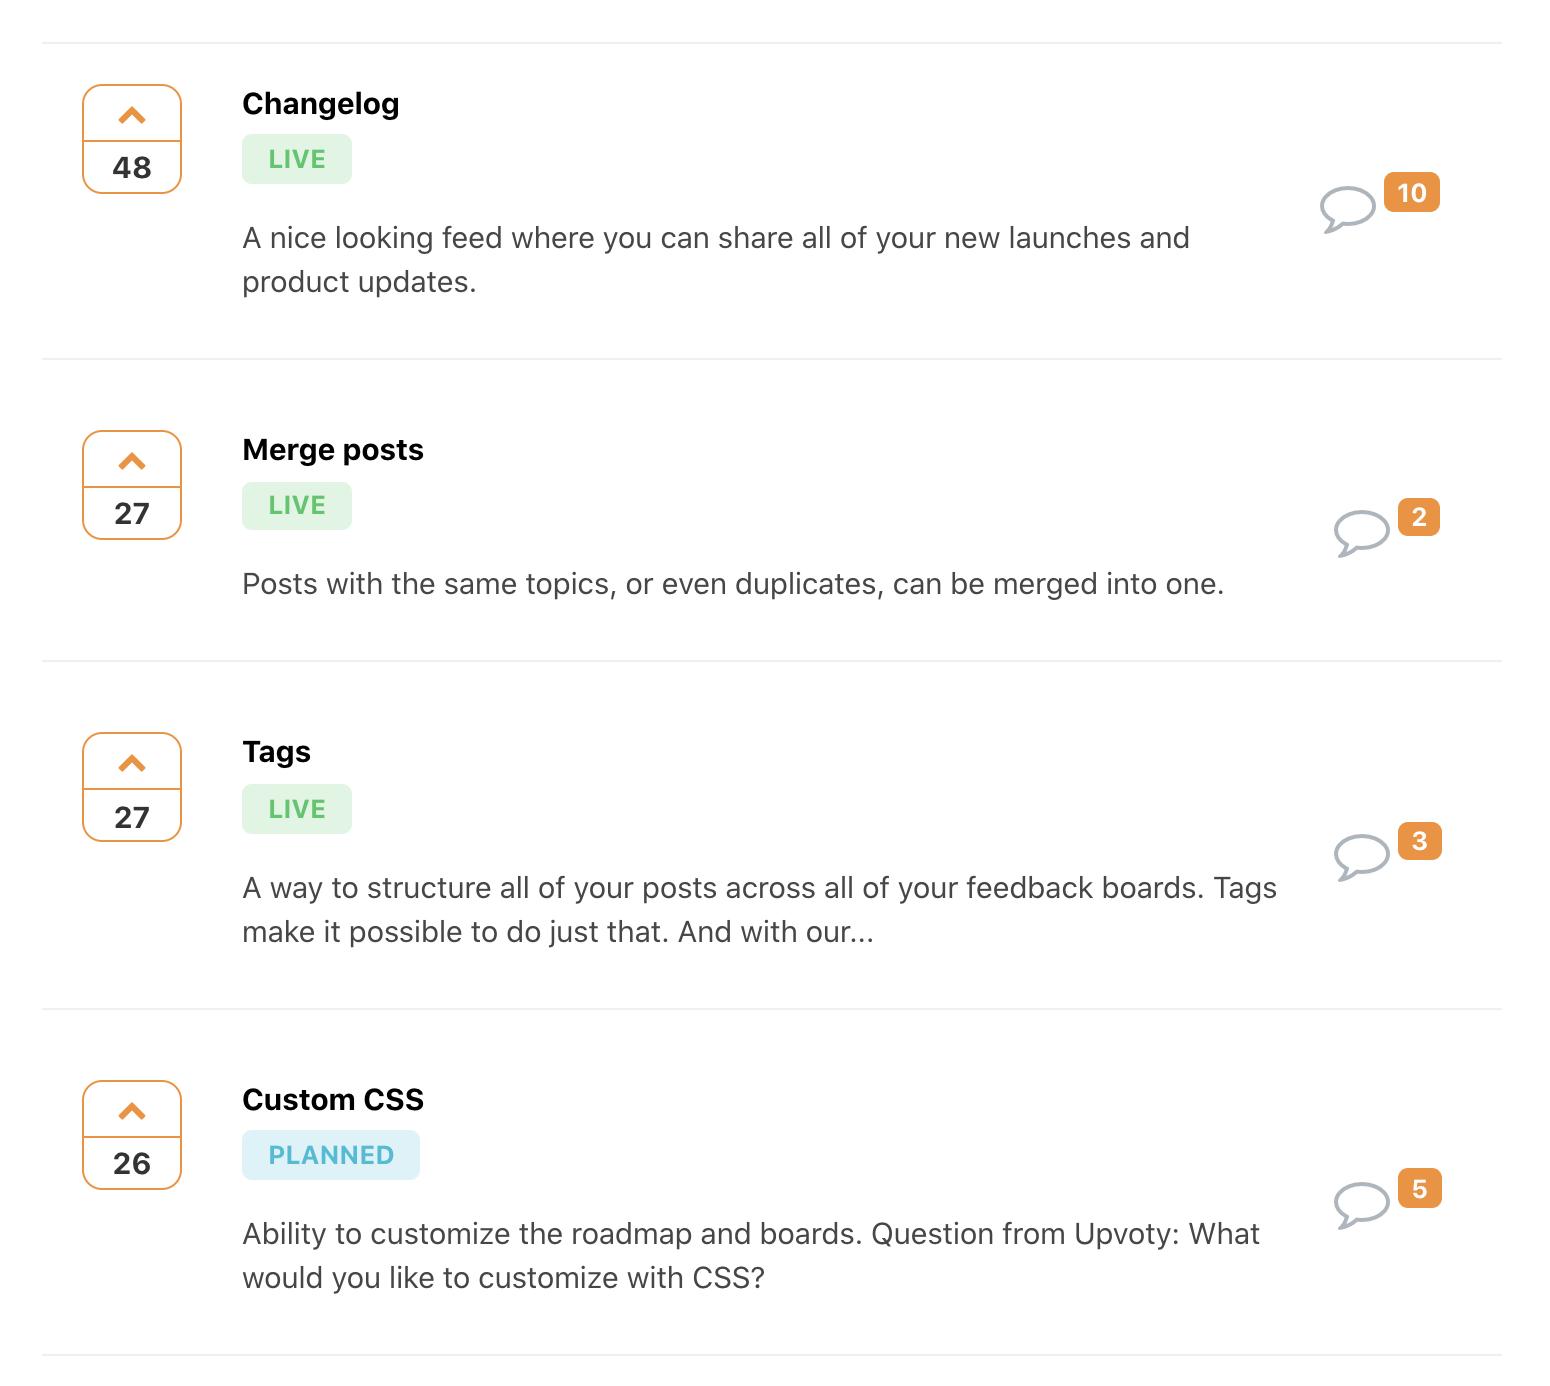 prioritze feedback posts